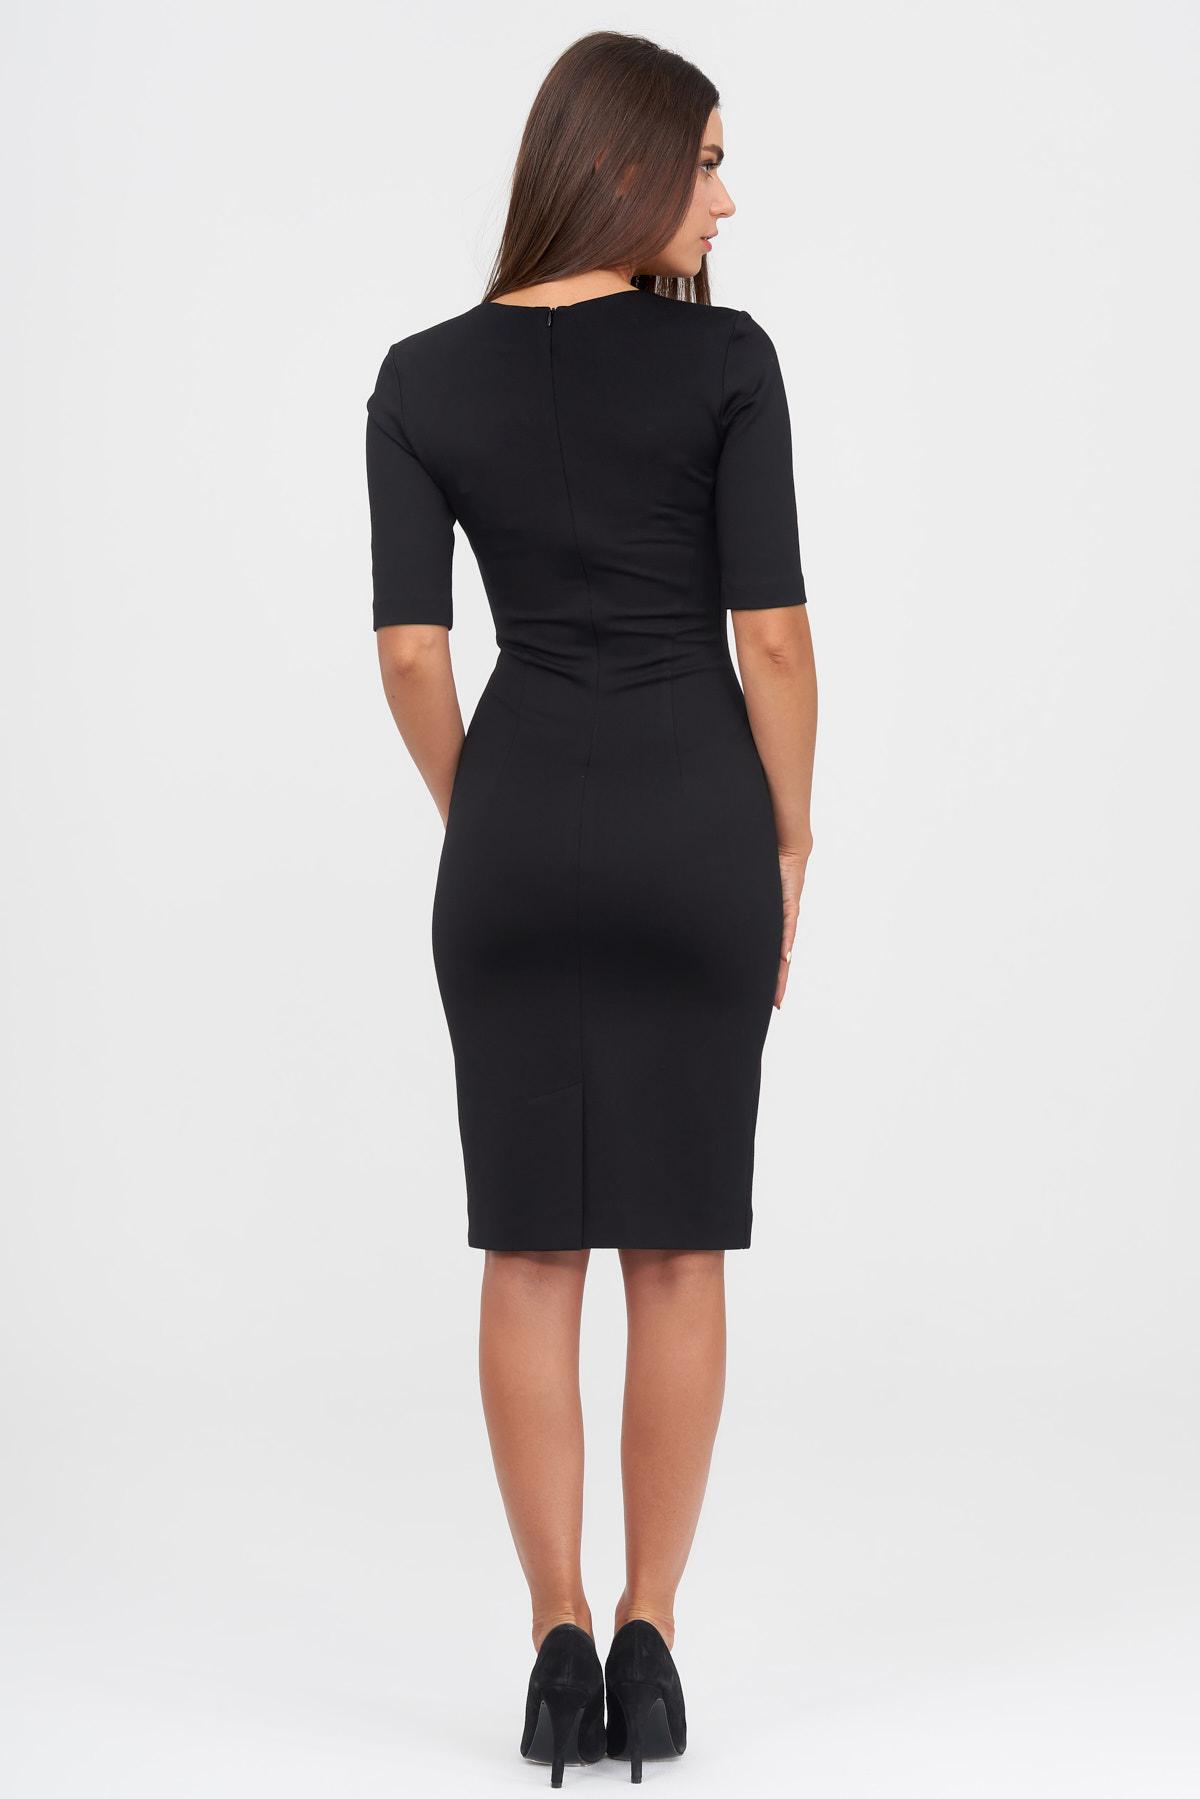 Платье женские Natali Bolgar модель 19042TR268 характеристики, 2017